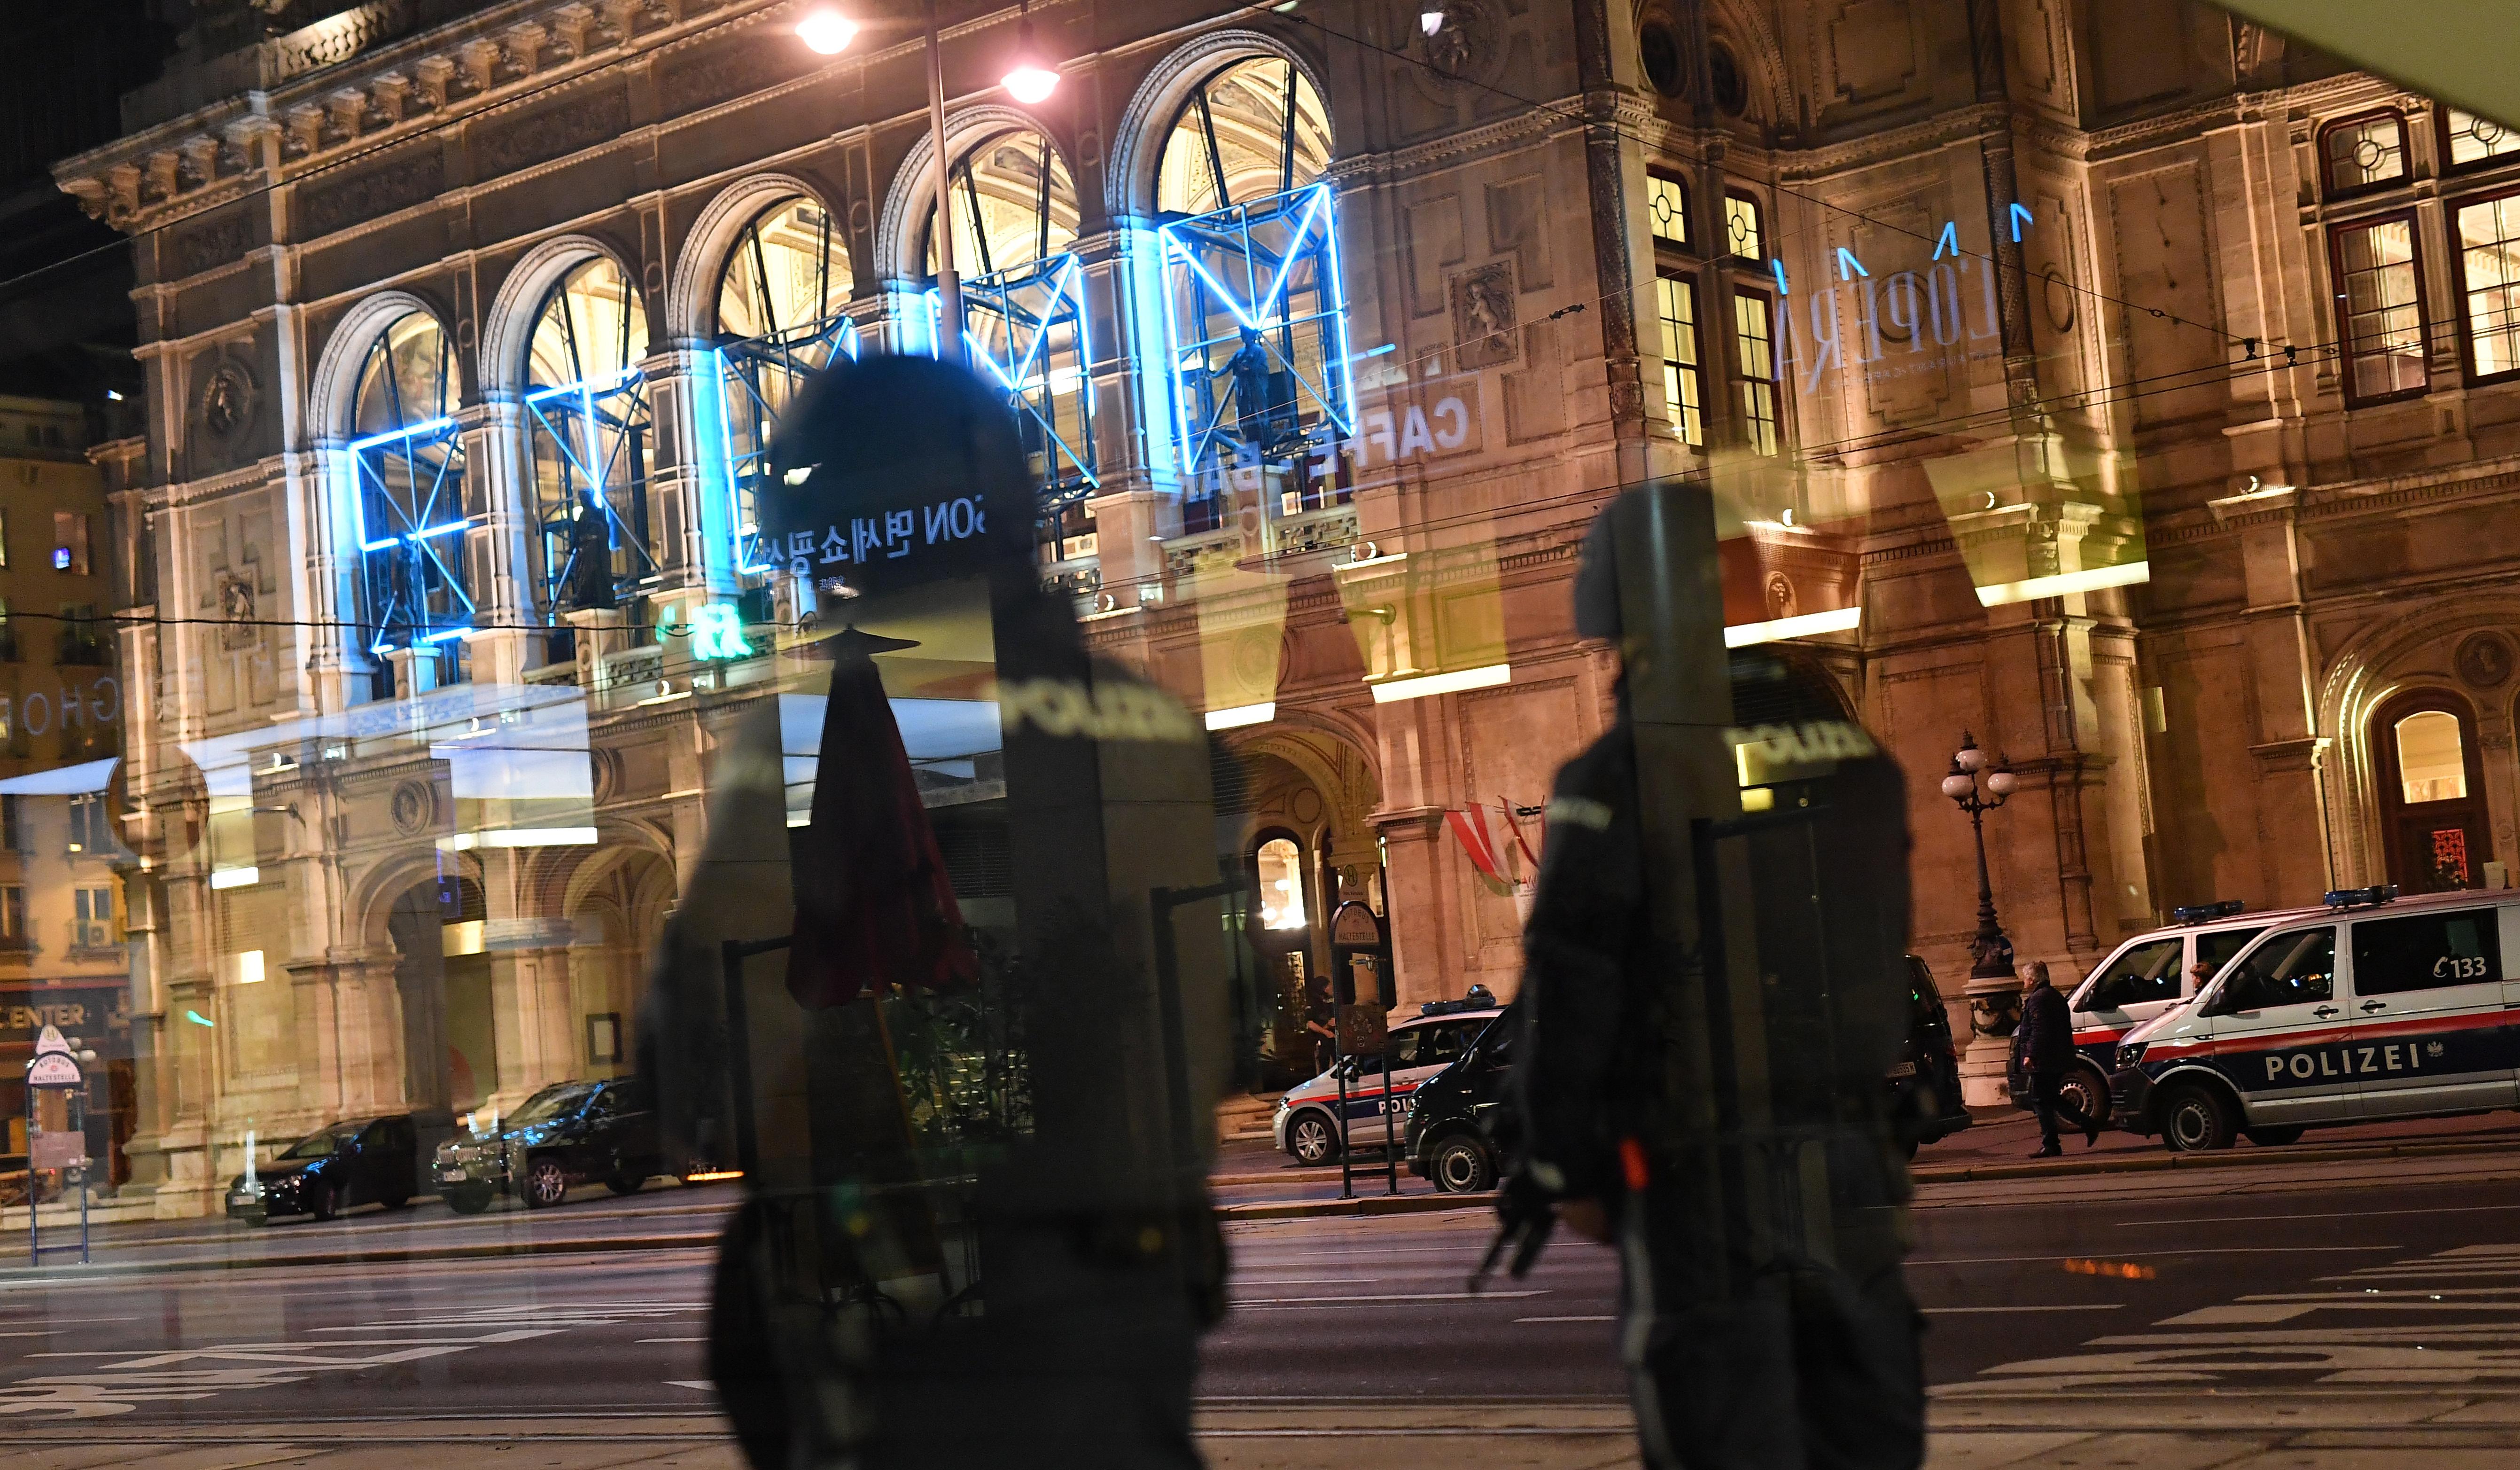 Hiába tudtak róla, az osztrák hatóságok nem vizsgálták ki a bécsi támadó szlovákiai lőszervásárlási kísérletét